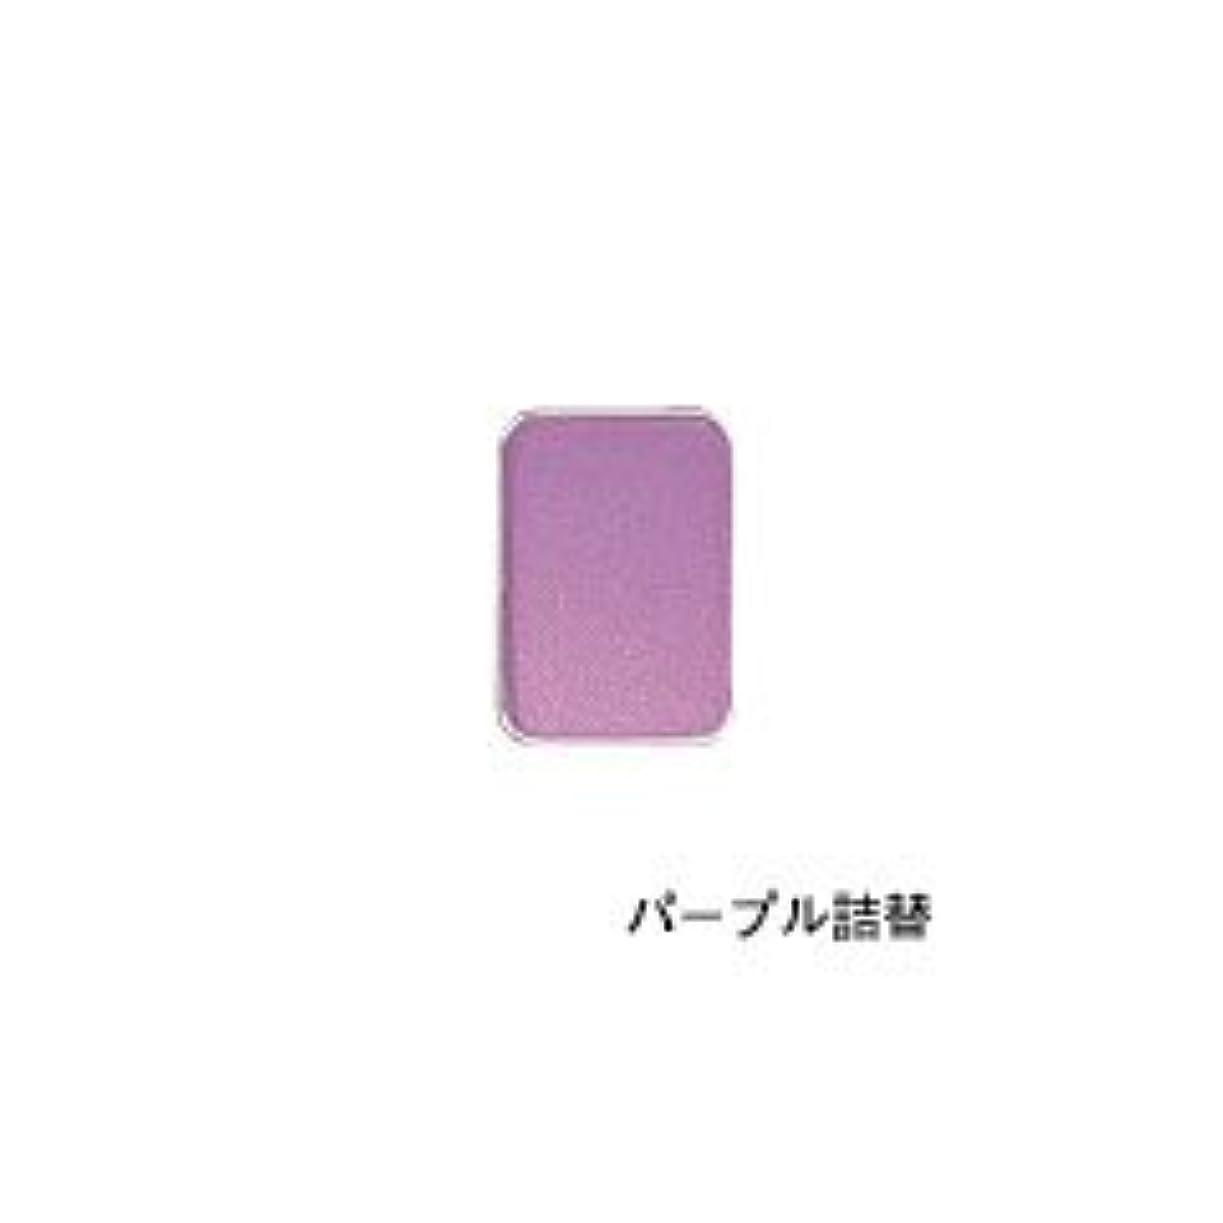 密度マニアゴールデンリマナチュラル ピュアアイカラー 詰替用 パープル×2個       JAN:4514991230446